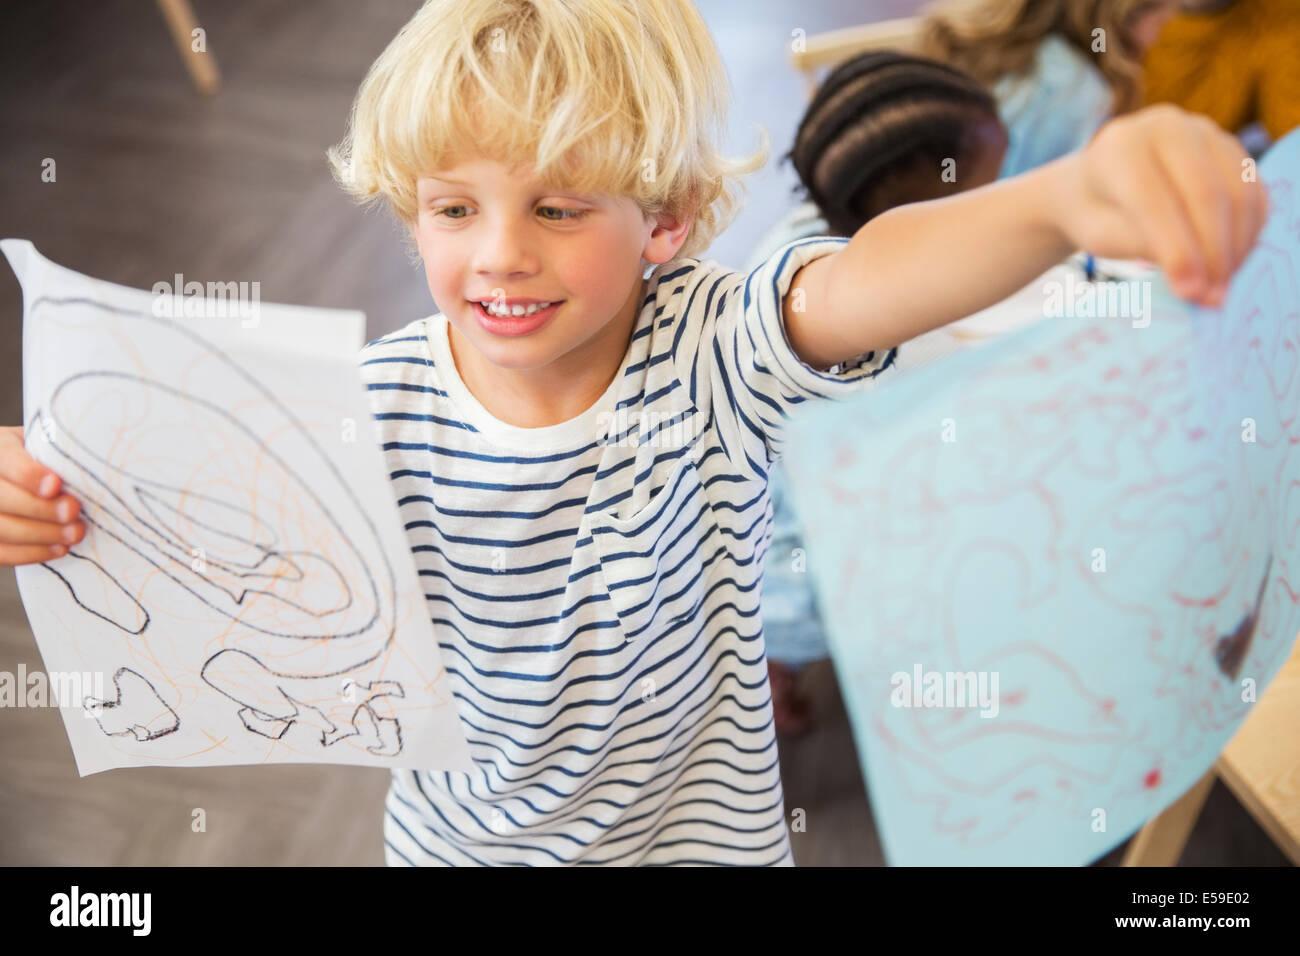 Montrer aux étudiants des dessins en classe Photo Stock